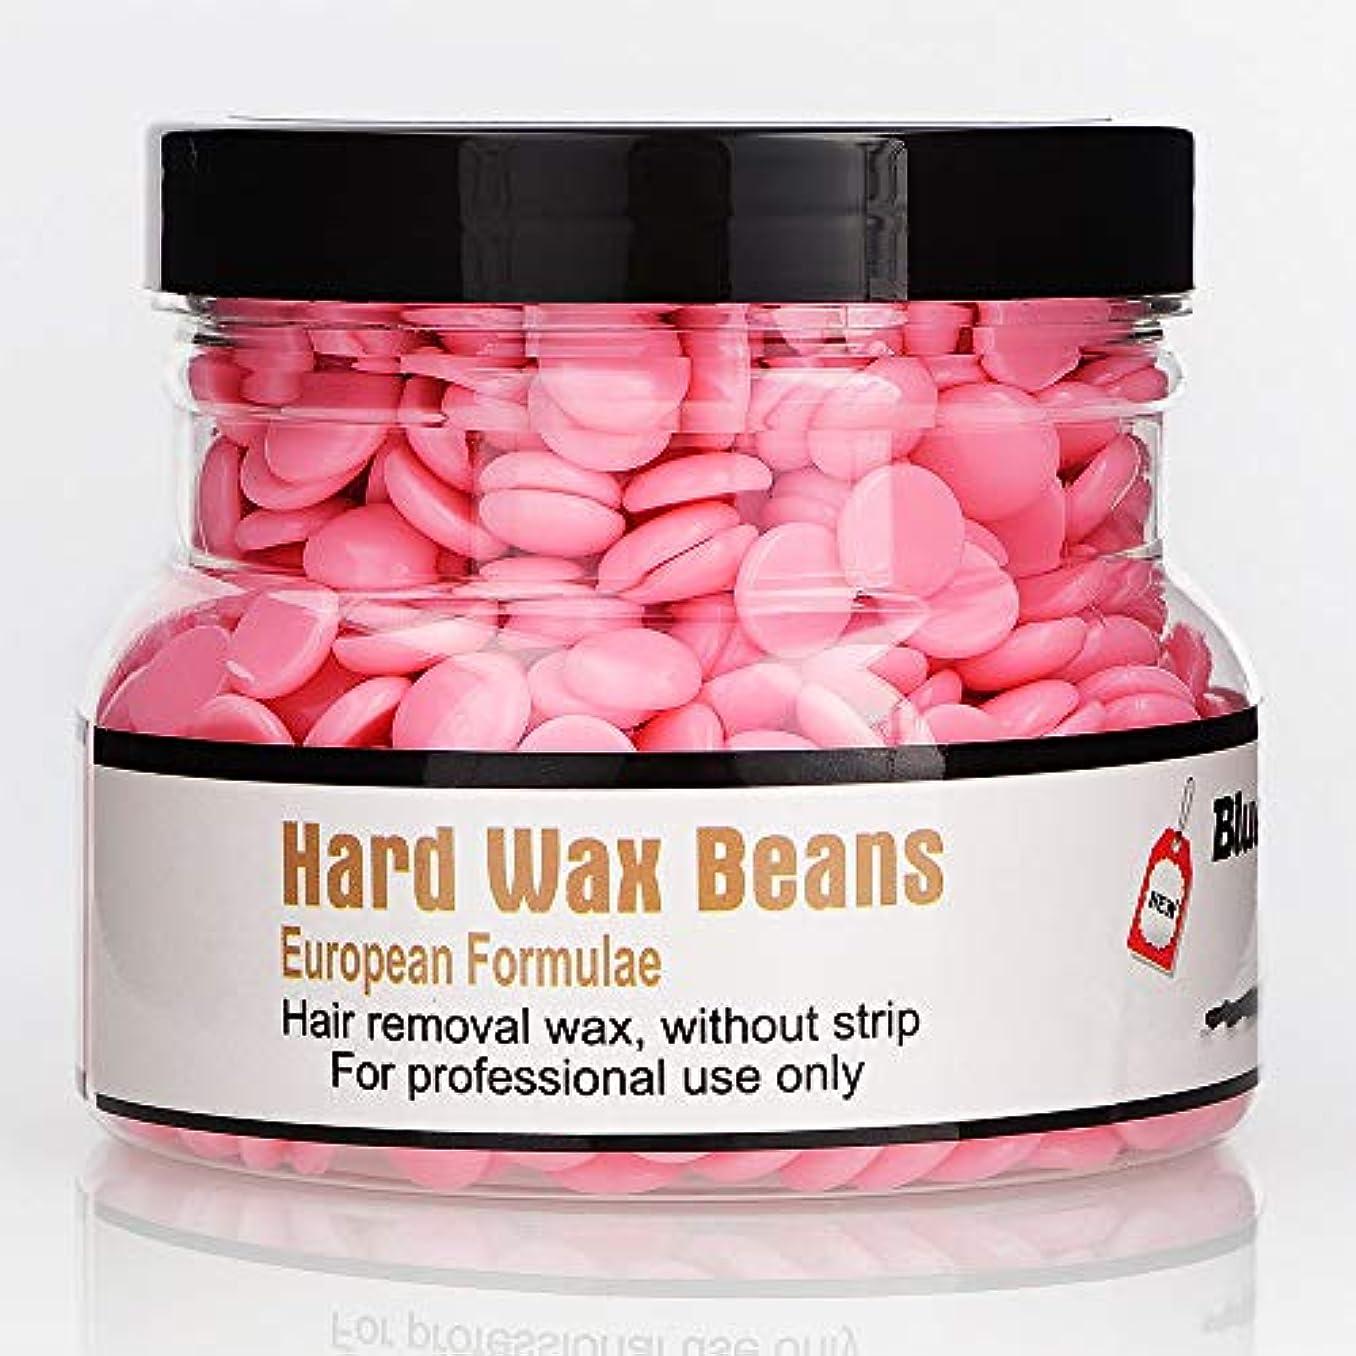 予想外浸漬お願いしますRabugoo 250g美容脱毛ハードワックス豆フェイス脇の下のアーム脚のための安全な恒久的な脱毛剤 rose